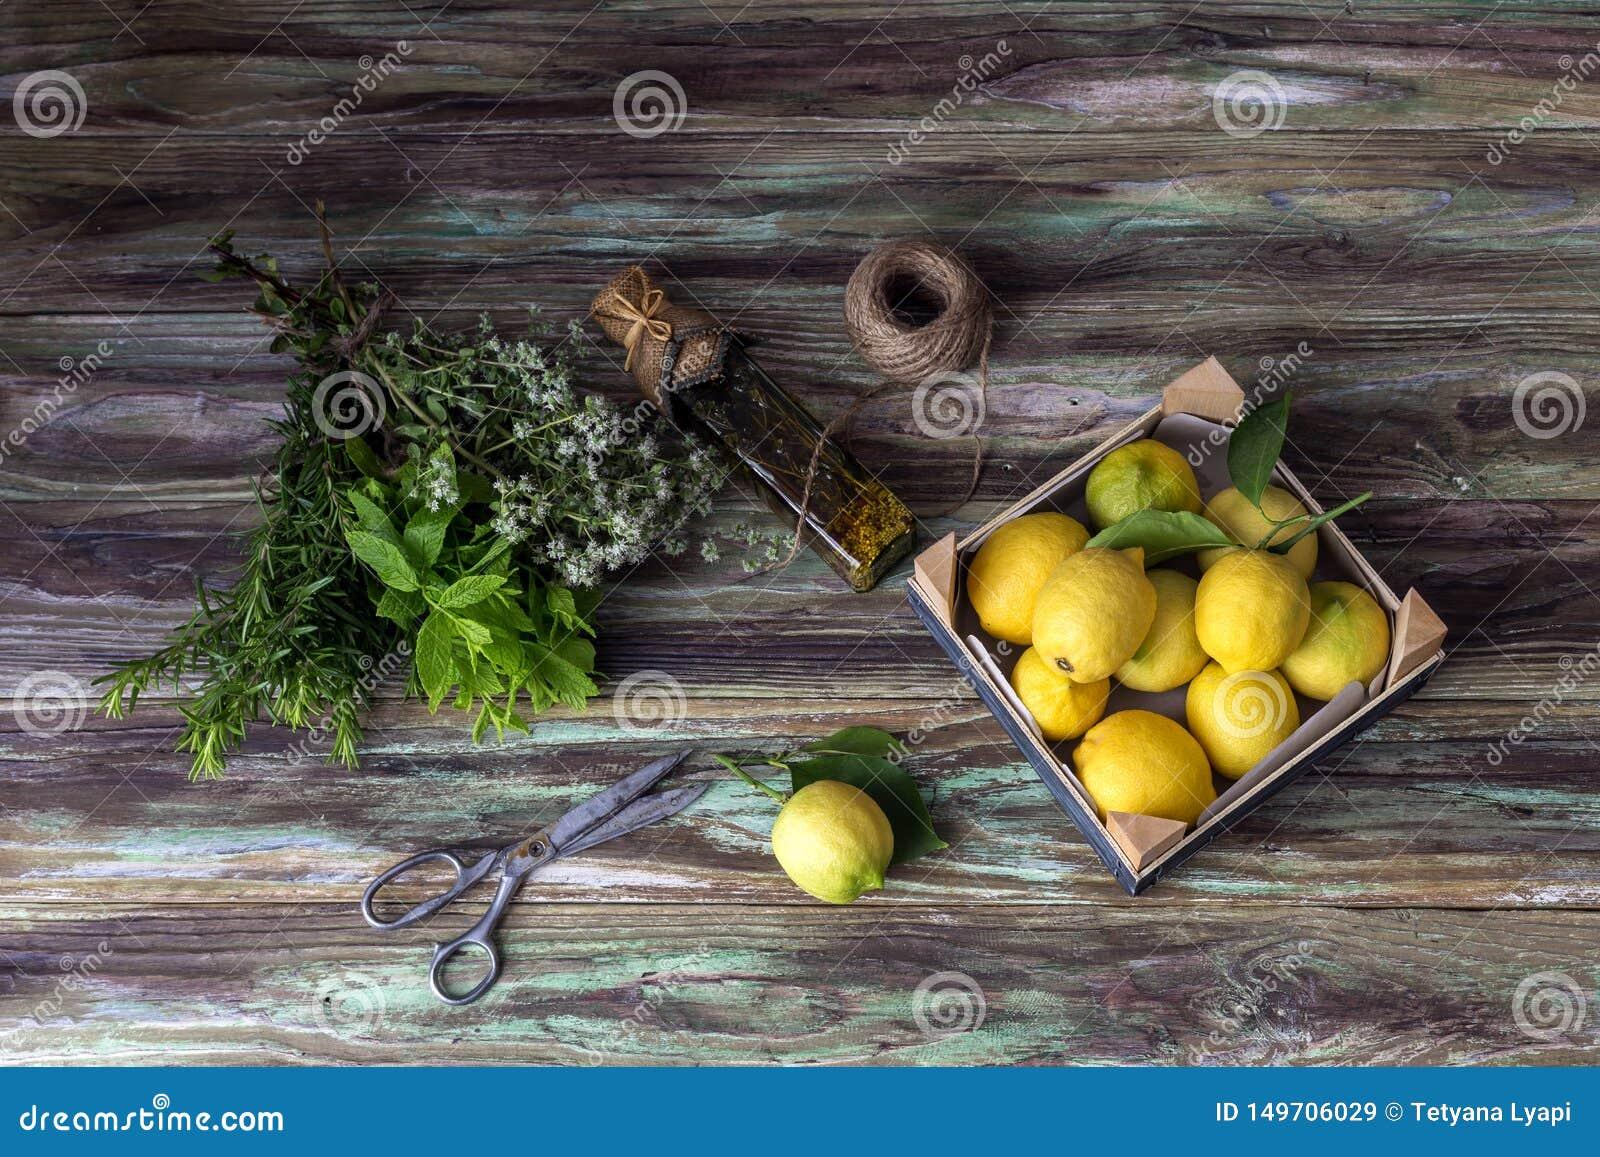 Verschiedene Kräuter, Gewürze, Zitronen und Olivenöl auf einem hölzernen Hintergrund